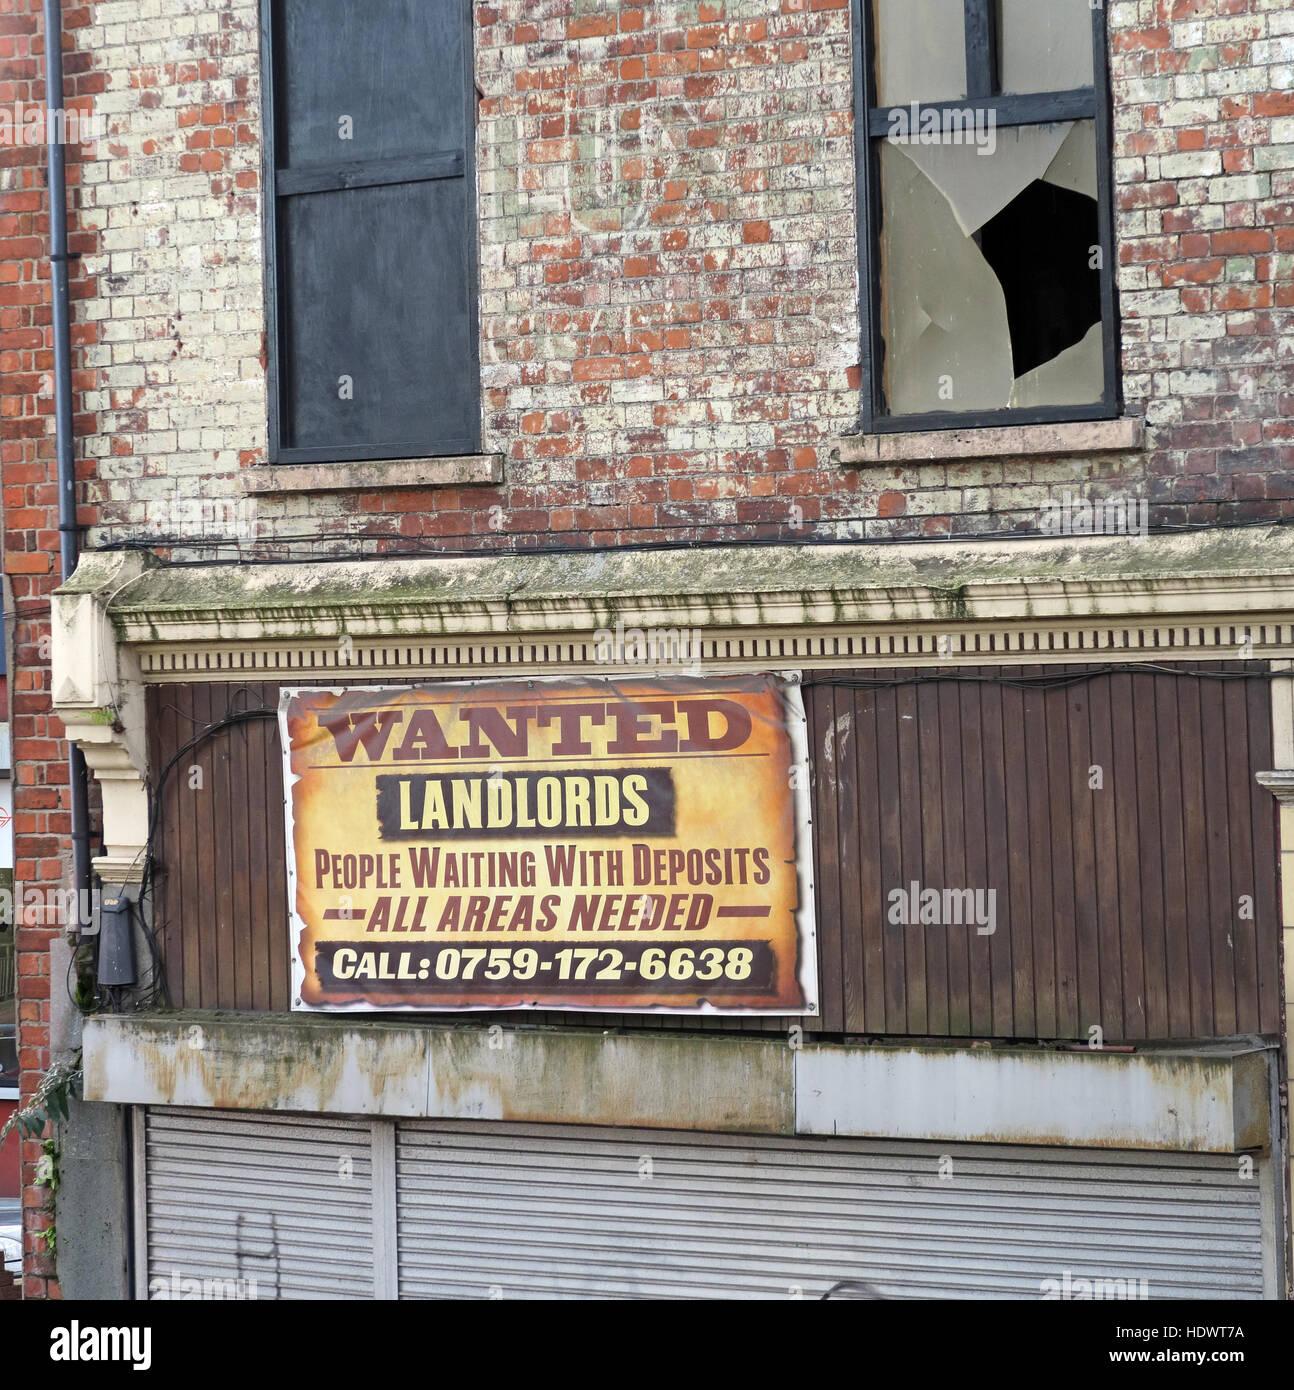 Laden Sie dieses Alamy Stockfoto Heruntergekommenen Vermietung Unterkunft - Vermieter wollte, Menschen warten mit Einlagen, ggf. alle Bereiche 0759-1726638 Belfast nennen - HDWT7A